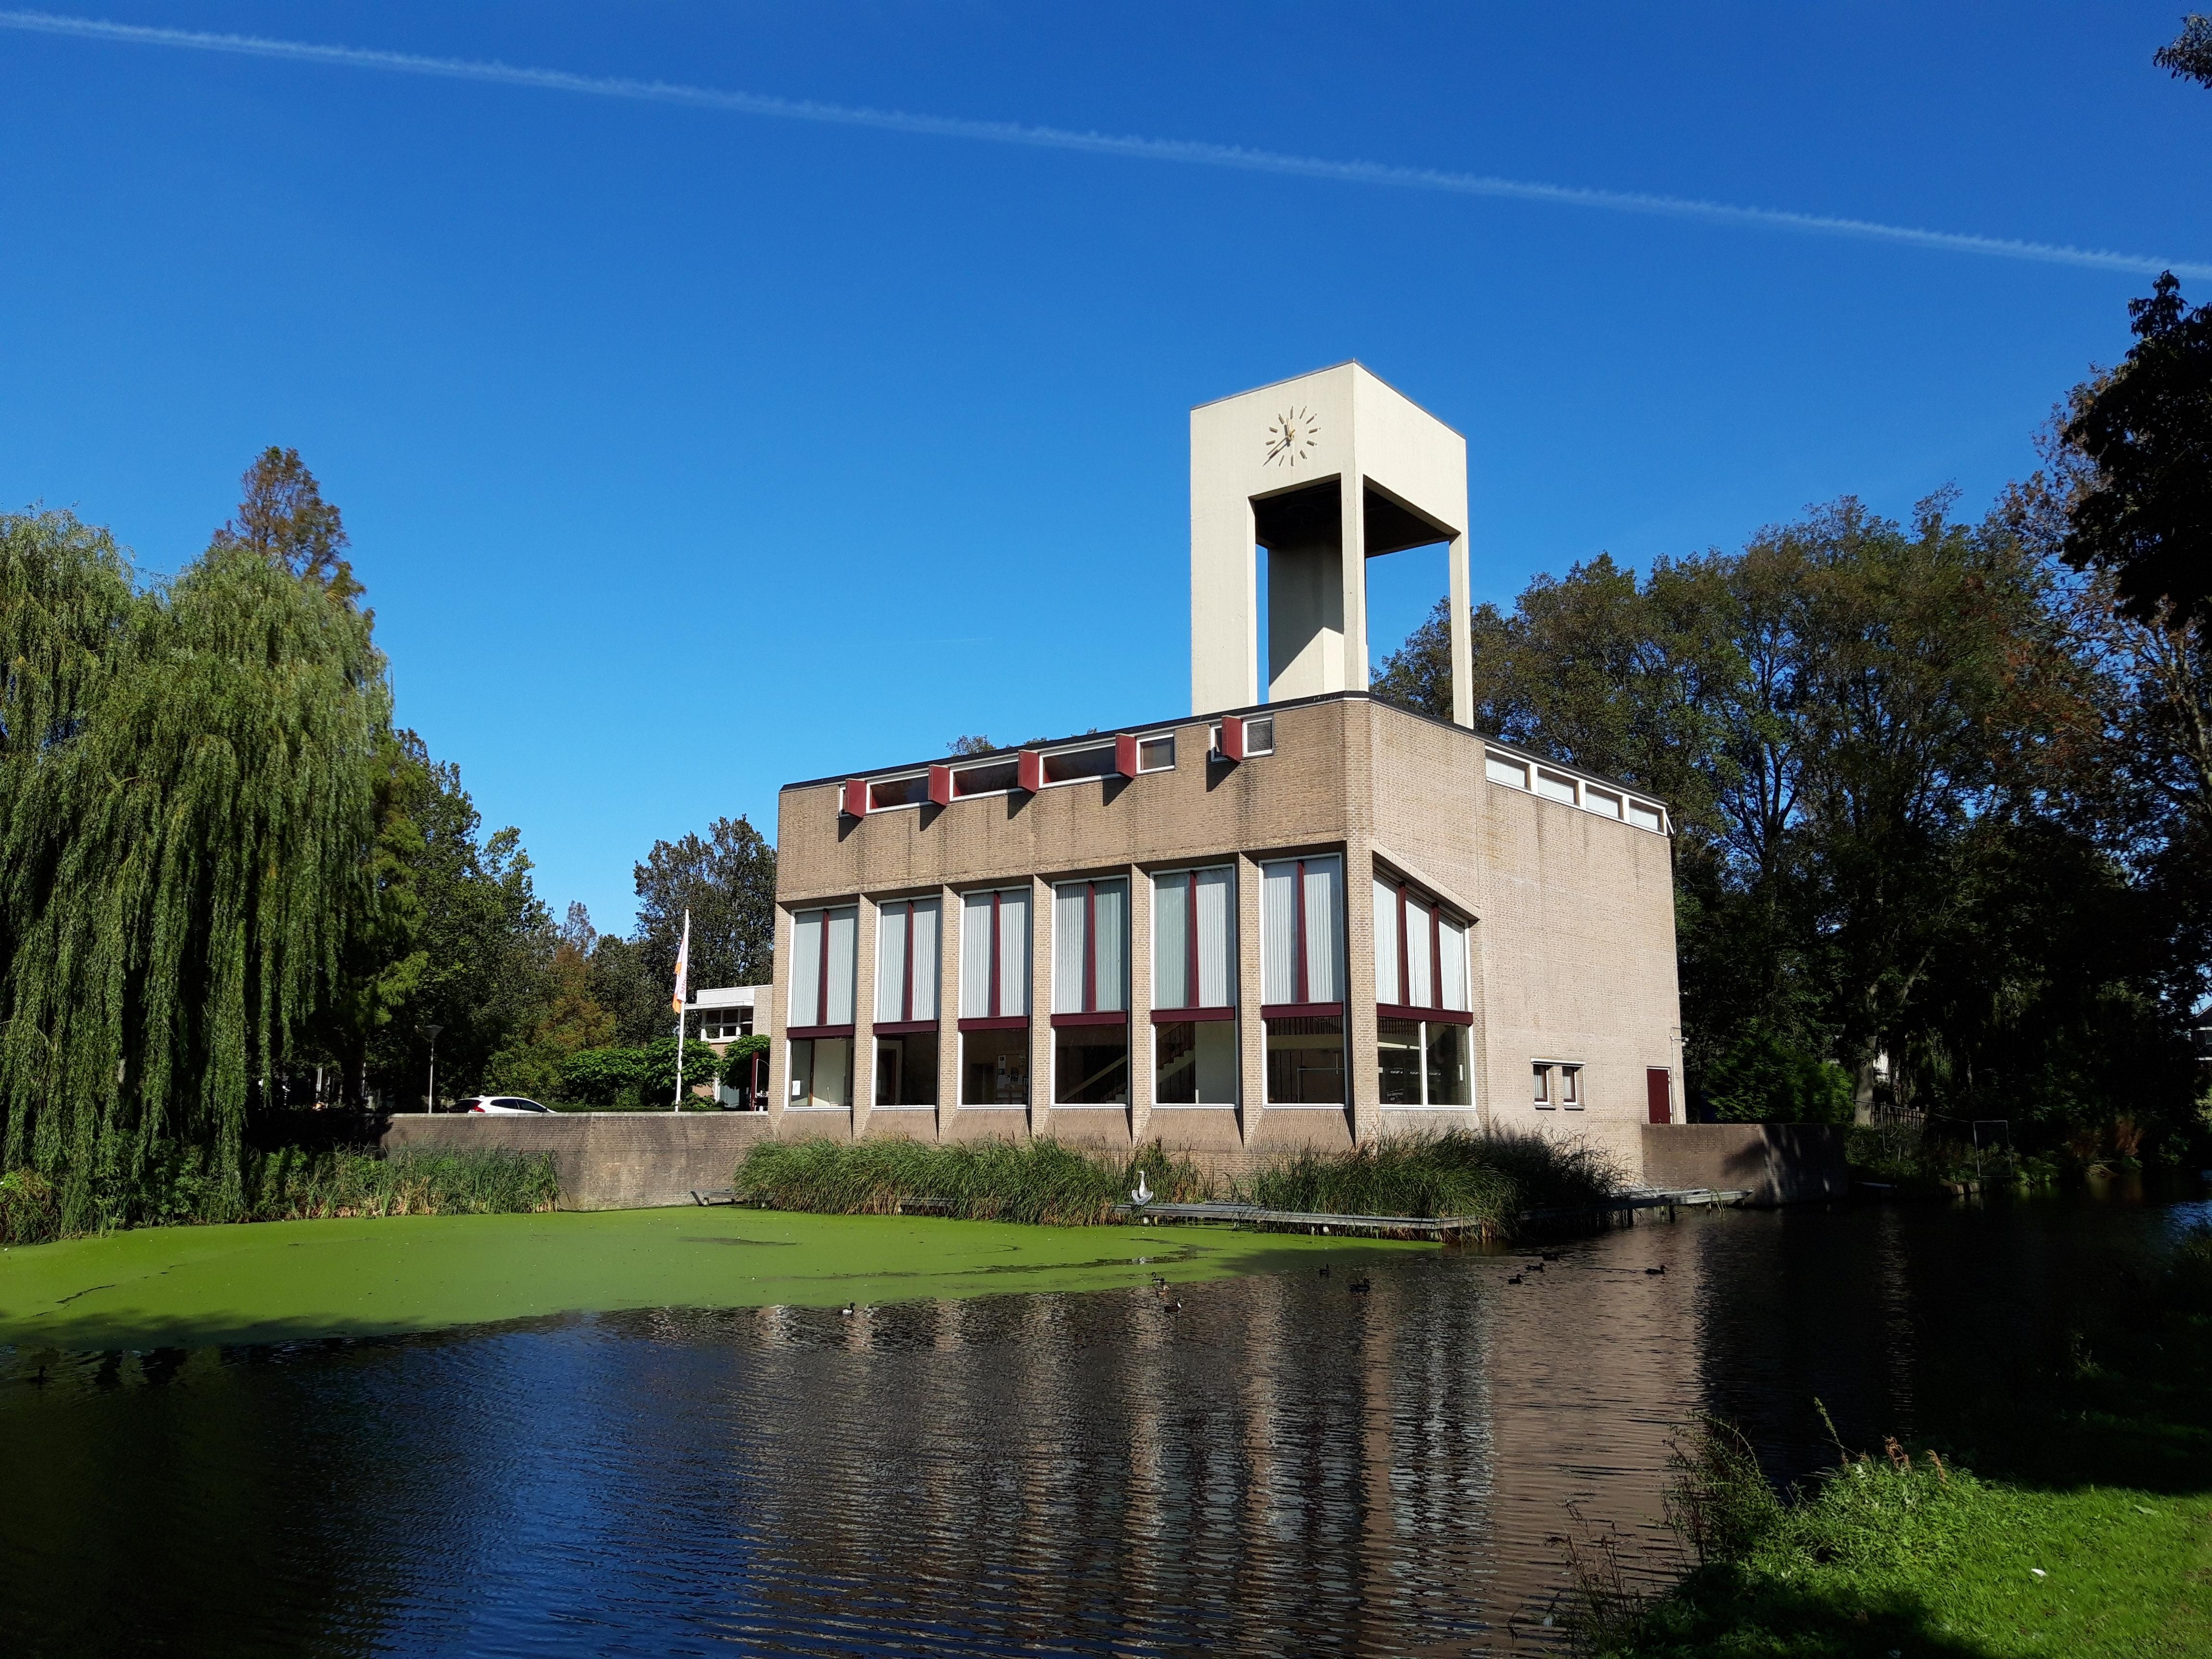 Jeanet van der Laan wil snel aan de slag met woningbouw op Greveling Zuid langs Ruishornlaan in Lisse